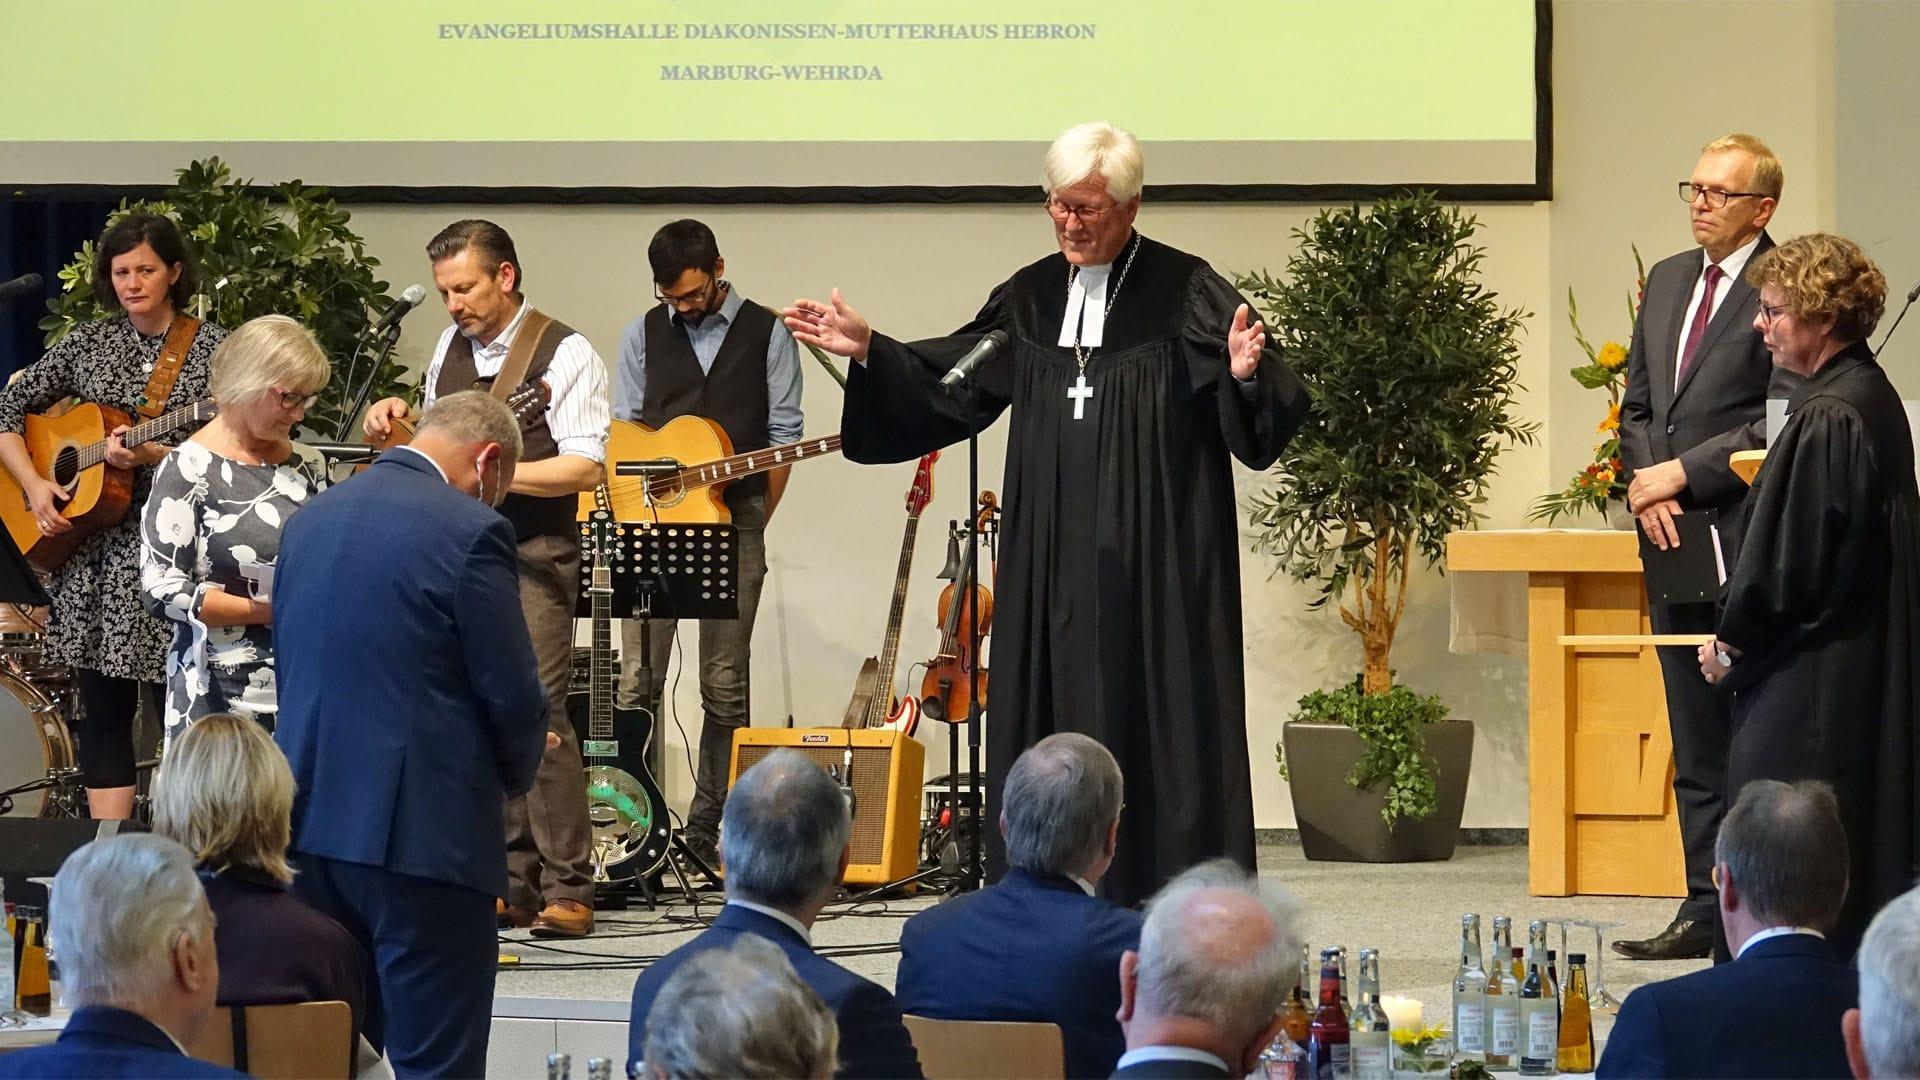 Am 19. September wurde Michael Diener aus seinem Amt als Präses des Gnadauer Gemeinschaftsverbandes verabschiedet. Der EKD-Ratsvorsitzende Heinrich Bedford-Strohm hielt die Predigt und gab Diener einen Segen mit auf den Weg.